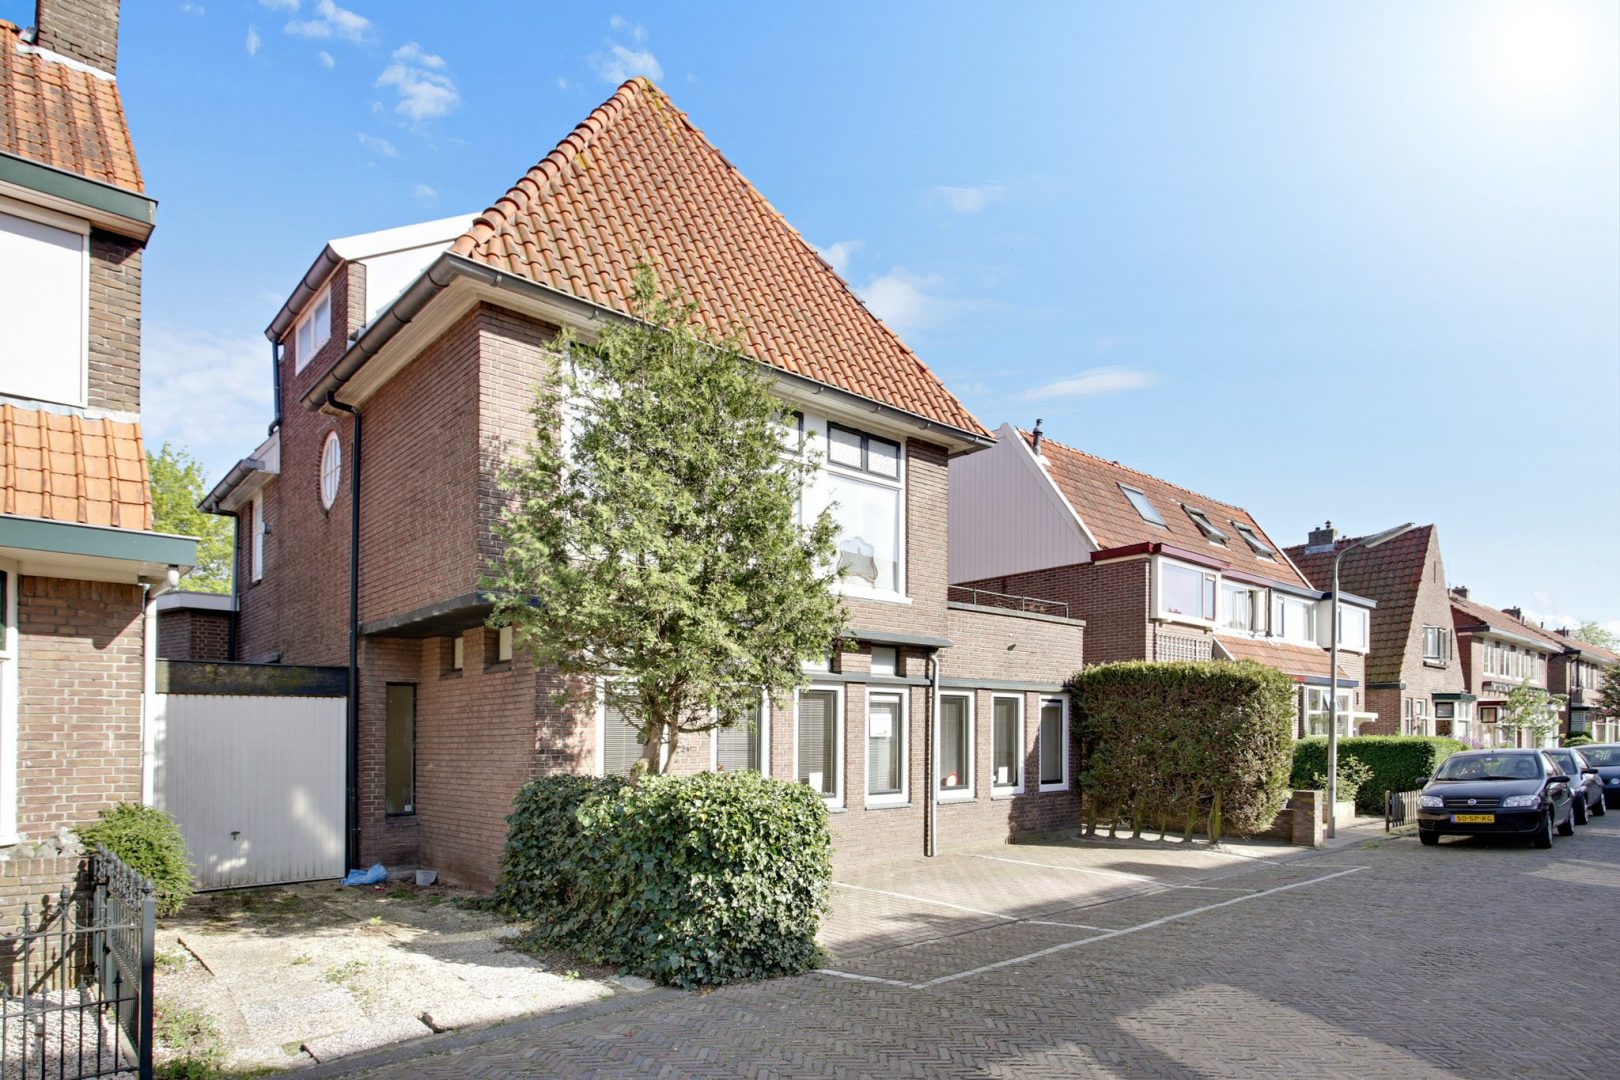 Leeuwarden – van Ostadestraat 29-31